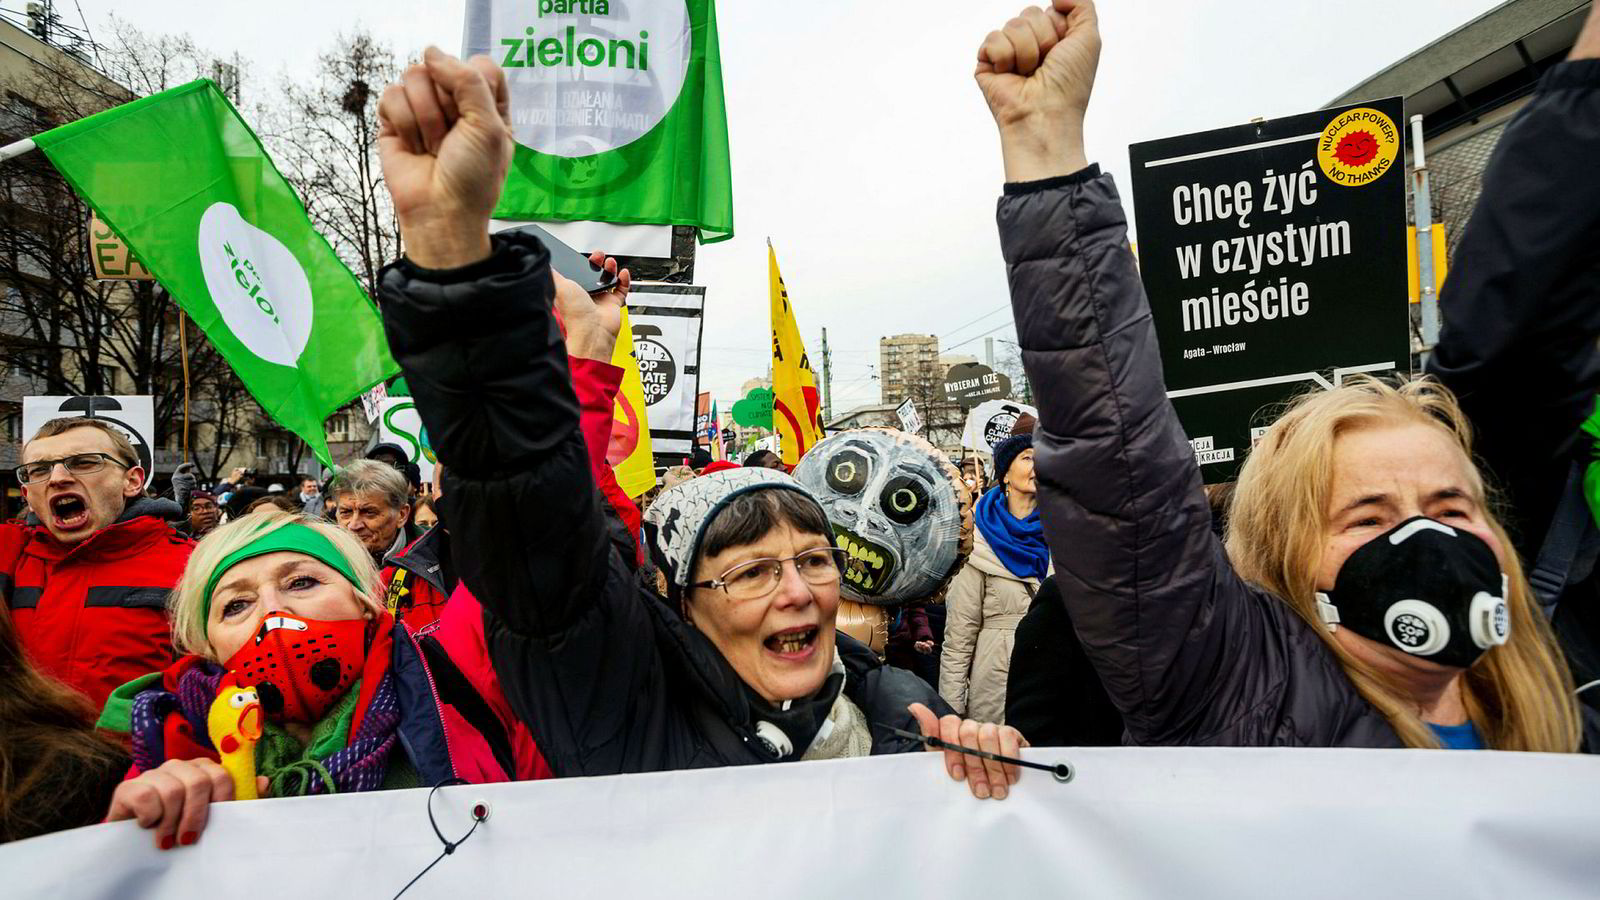 Det er innspurt i klimaforhandlingene som pågår i den polske byen Katowice. Målet er blant annet å få på plass regelverk for Parisavtalen.